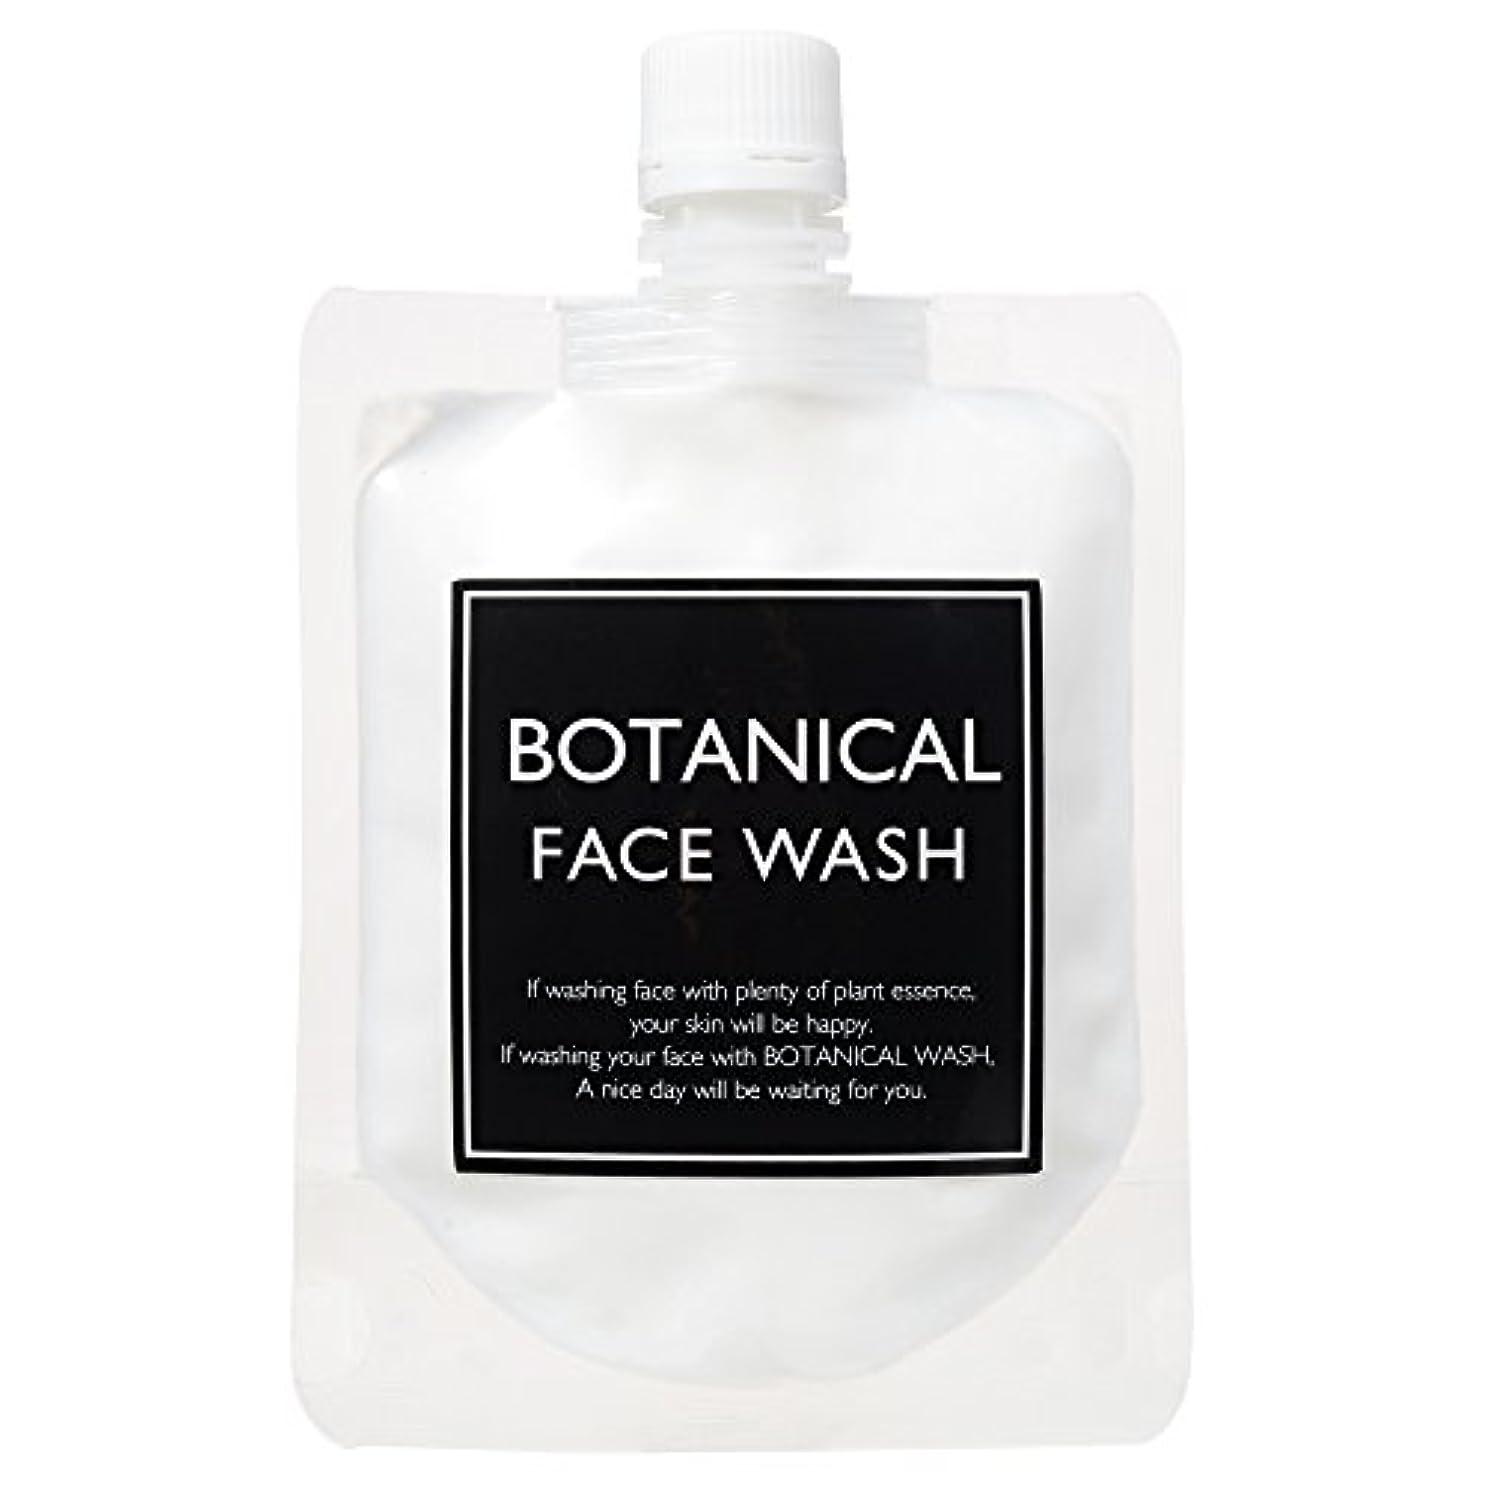 キャンバスラショナル貨物【BOTANICAL FACE WASH】 ボタニカル フェイスウォッシュ 150g 泡洗顔